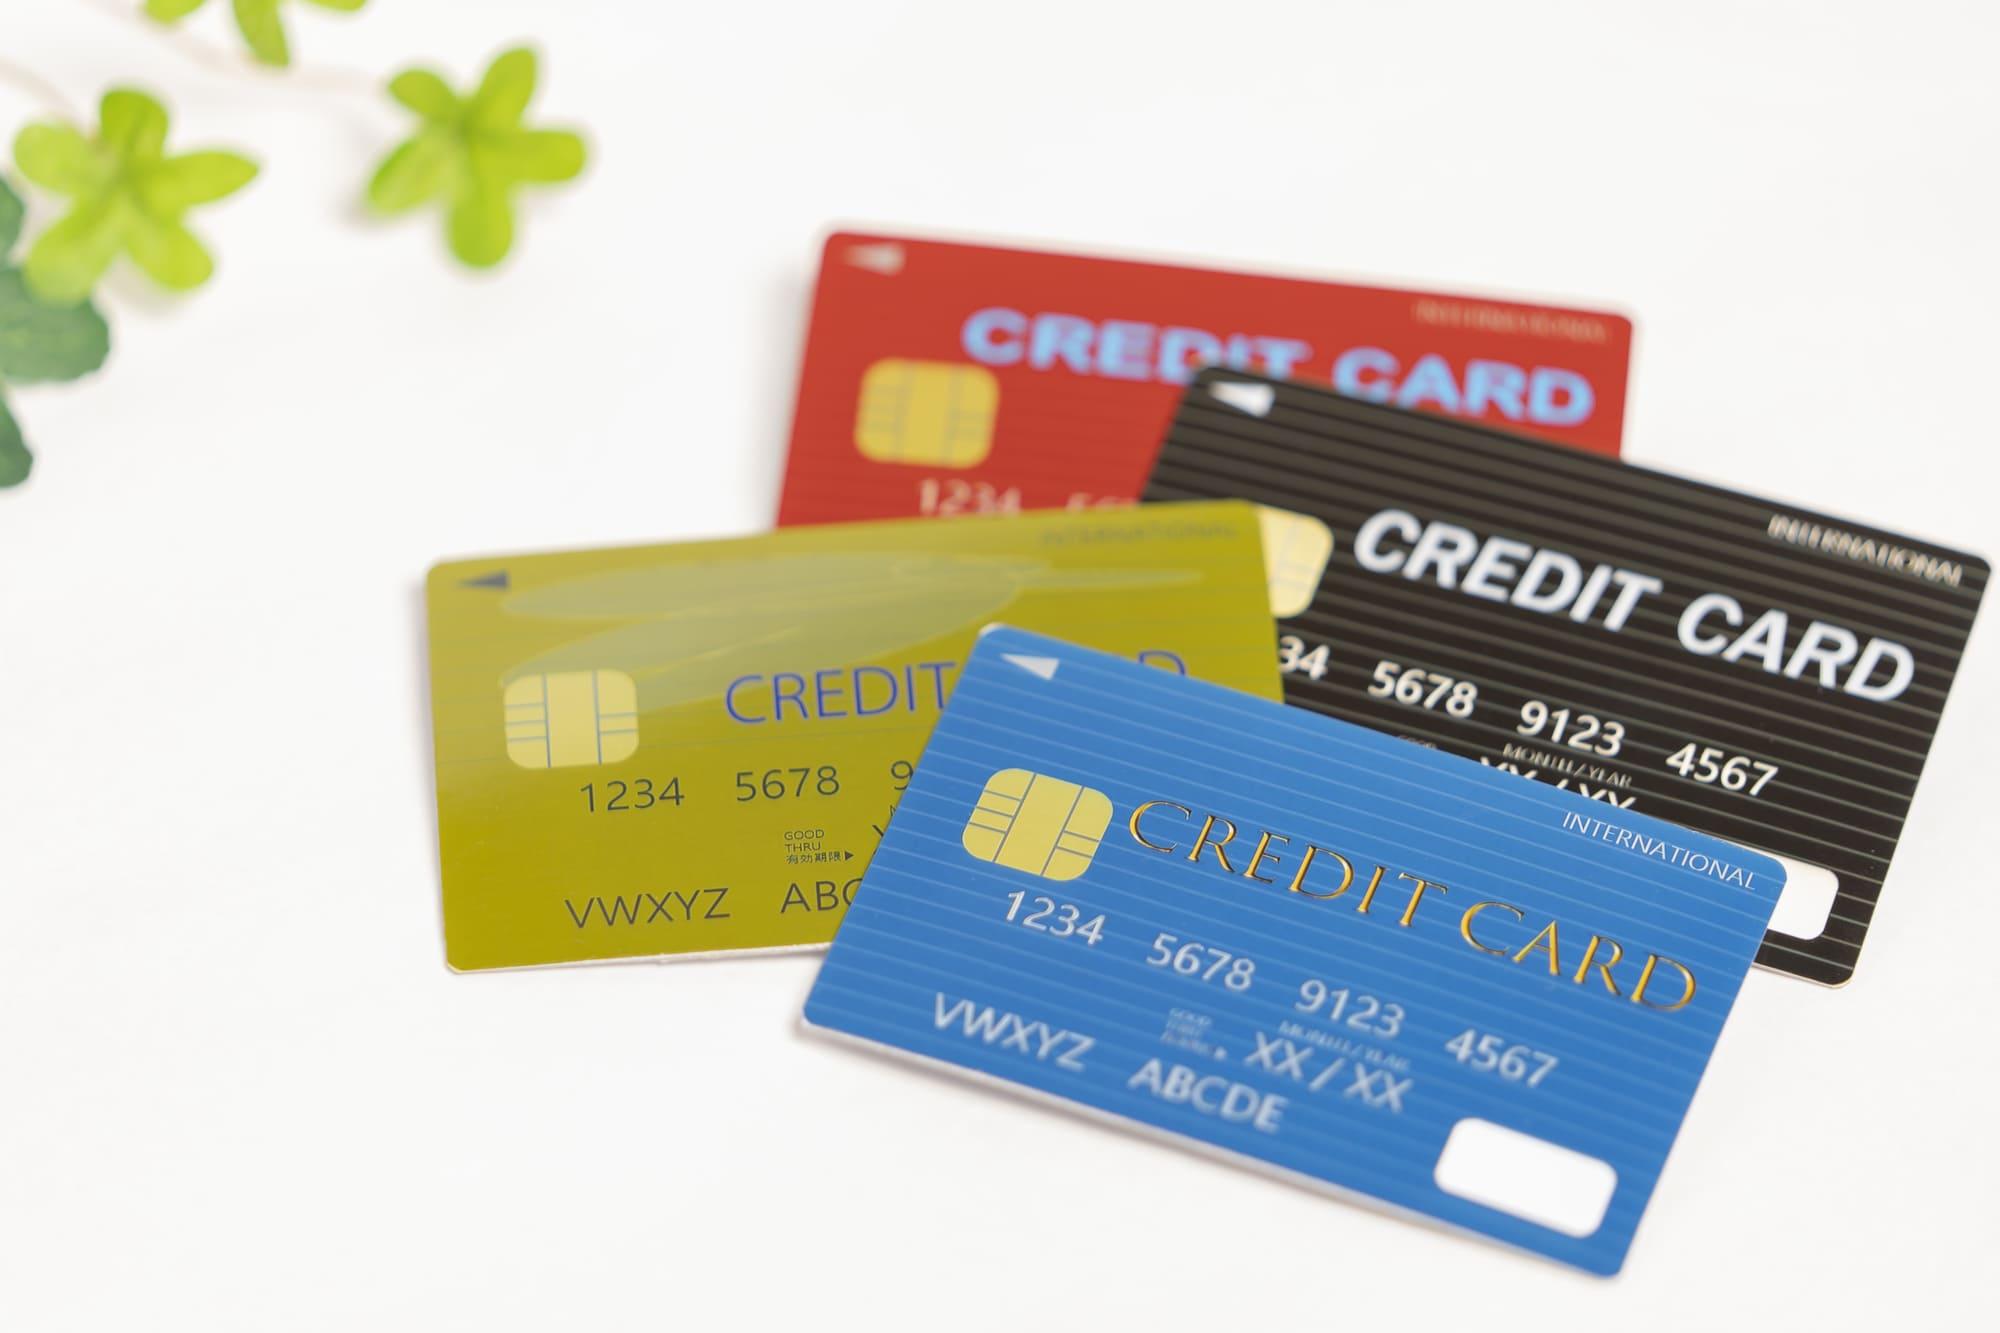 法人カードは審査なしで持てない!その対応策とおすすめの法人カード4選